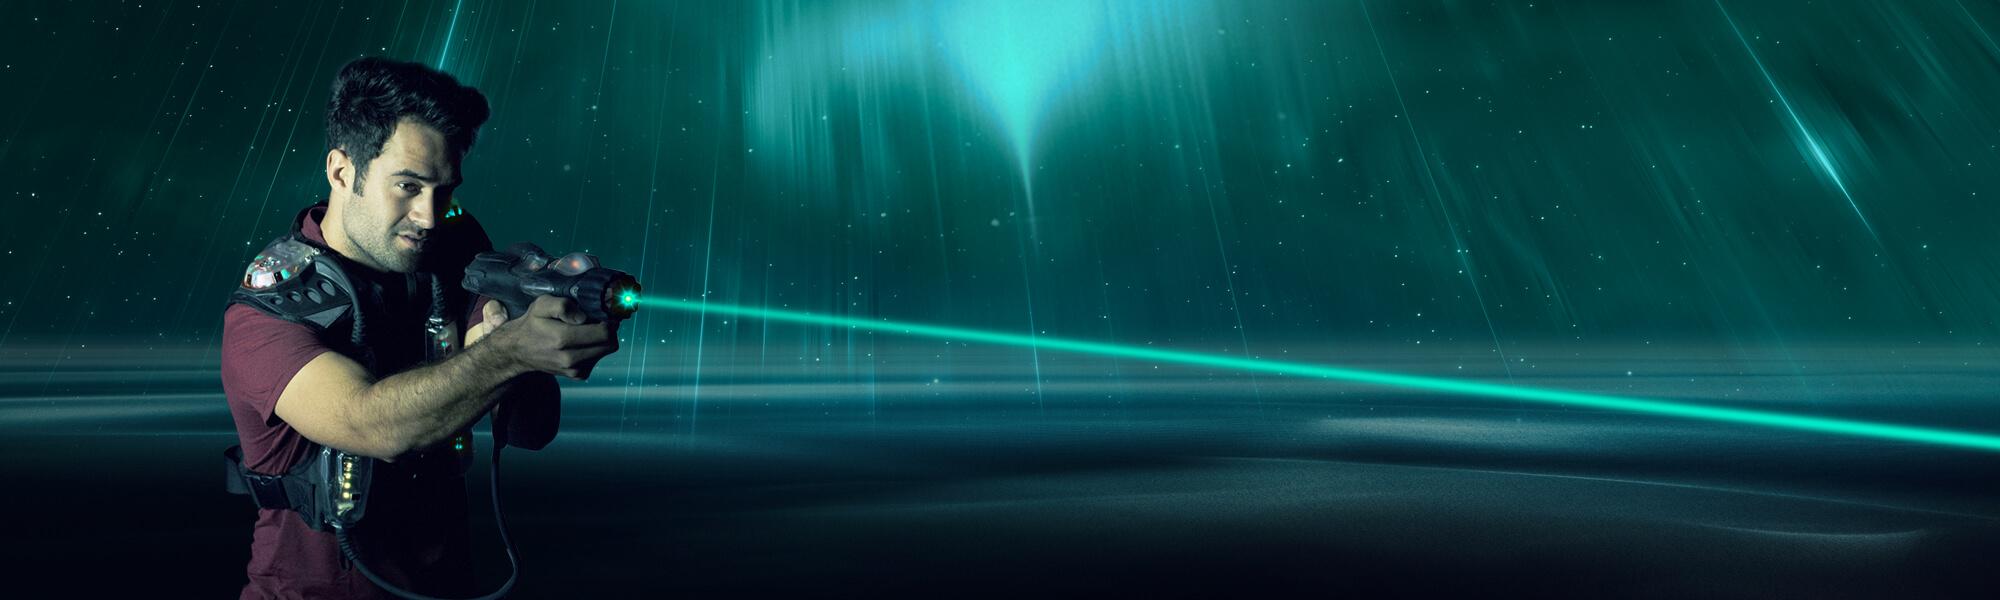 Super Laser Tag Laval Mascouche | Jeux d'aventure | Laser Action ER26